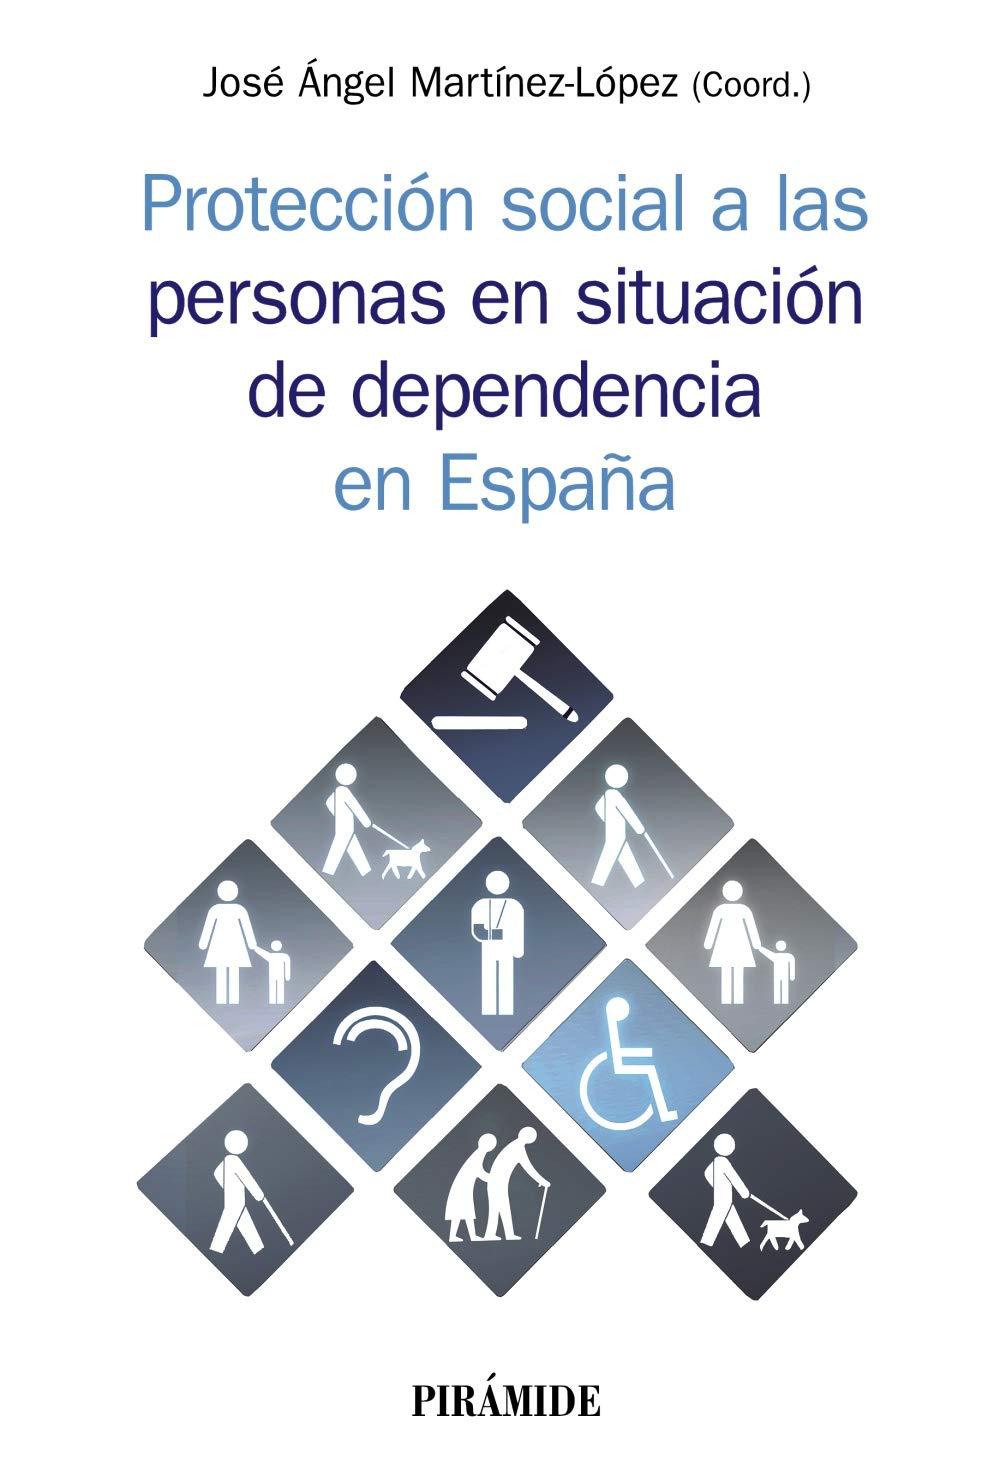 Protección social a las personas en situación de dependencia en España Psicología: Amazon.es: Martínez López, José Ángel: Libros